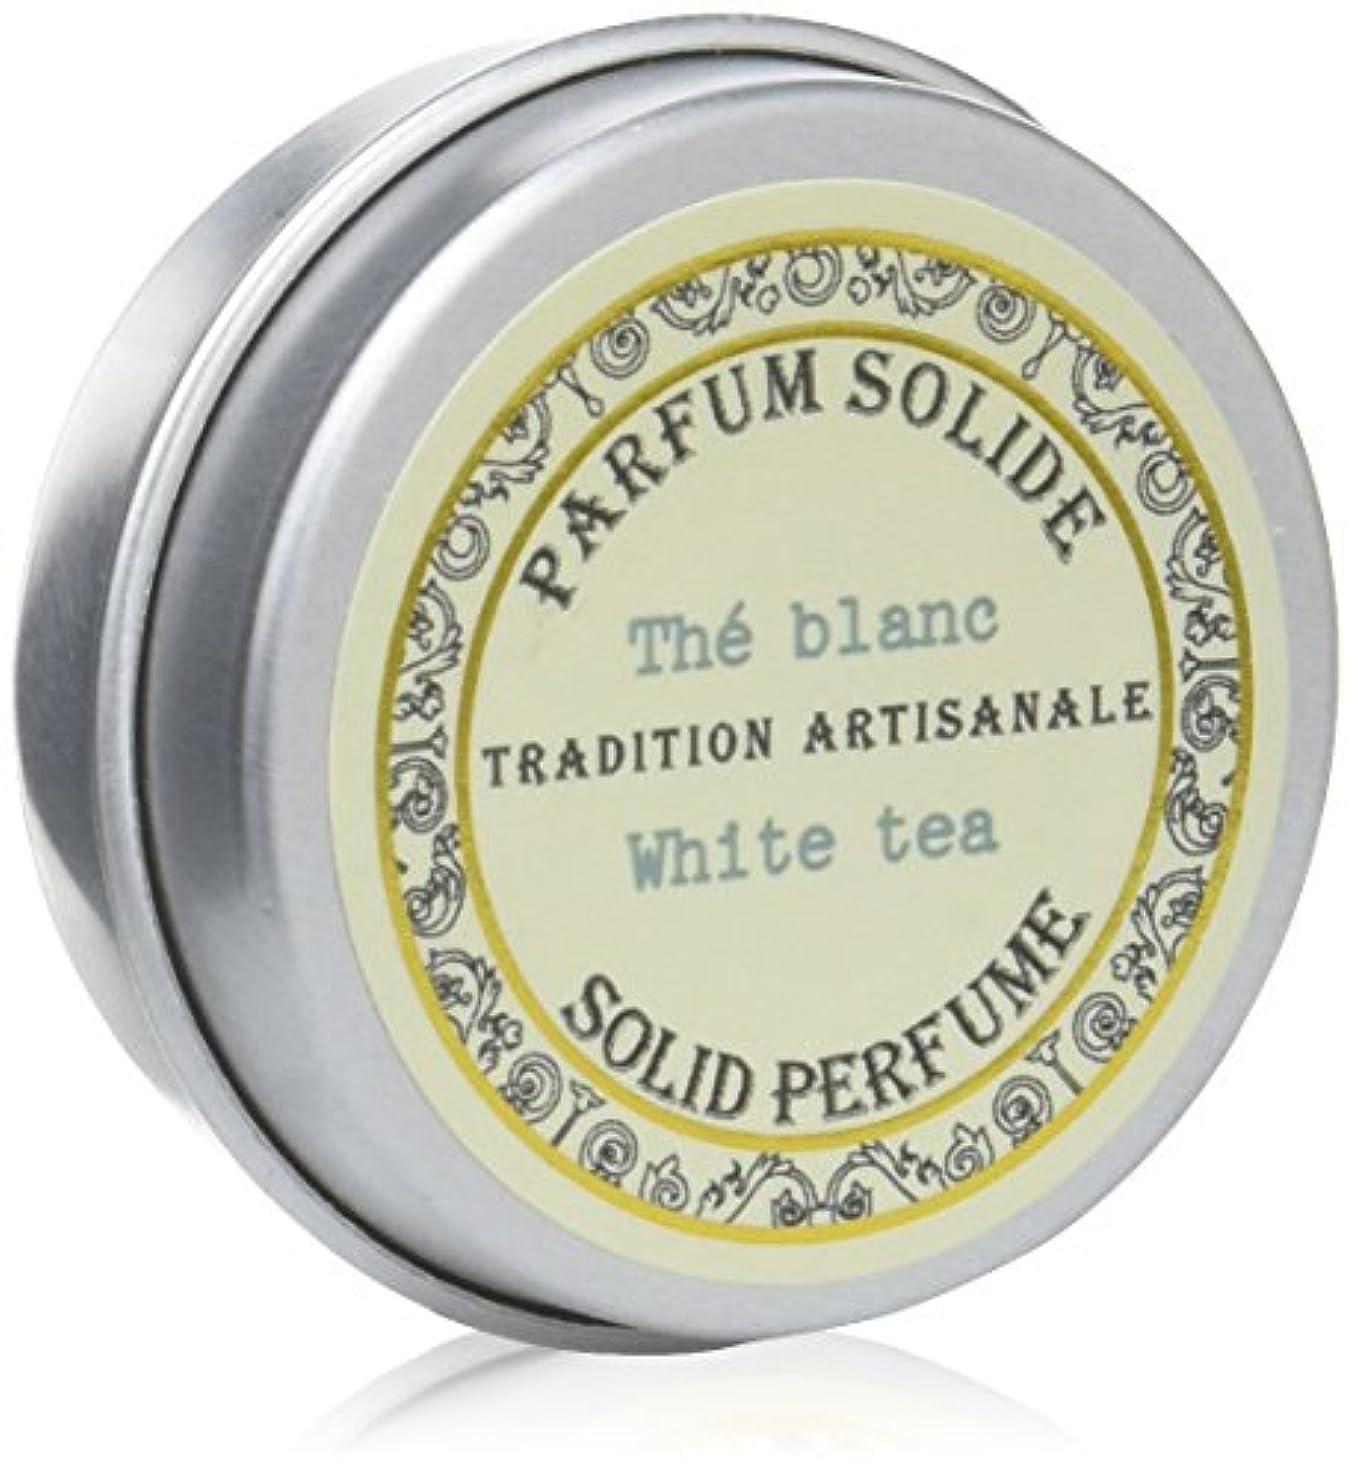 誰も去る厄介なSenteur et Beaute(サンタールエボーテ) フレンチクラシックシリーズ 練り香水 10g 「ホワイトティー」 4994228023063